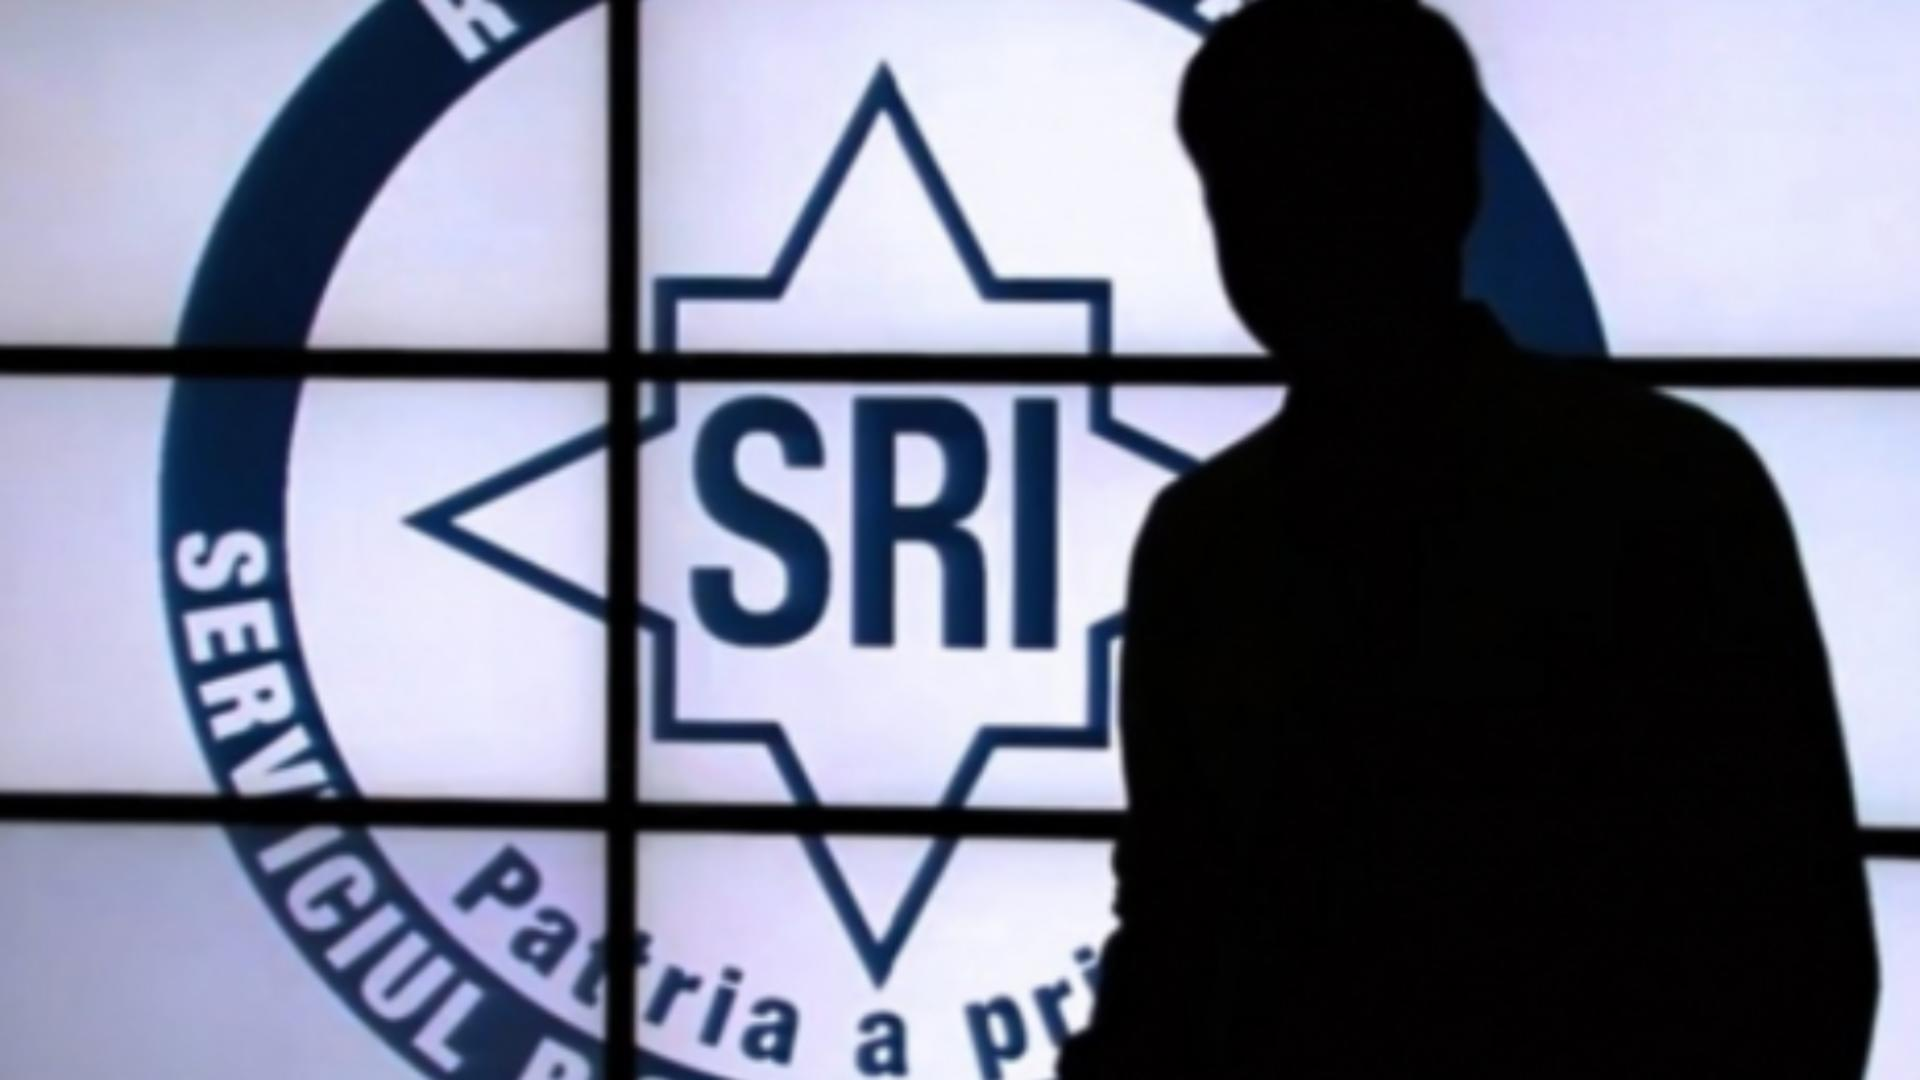 Sigla Serviciului Român de Informații